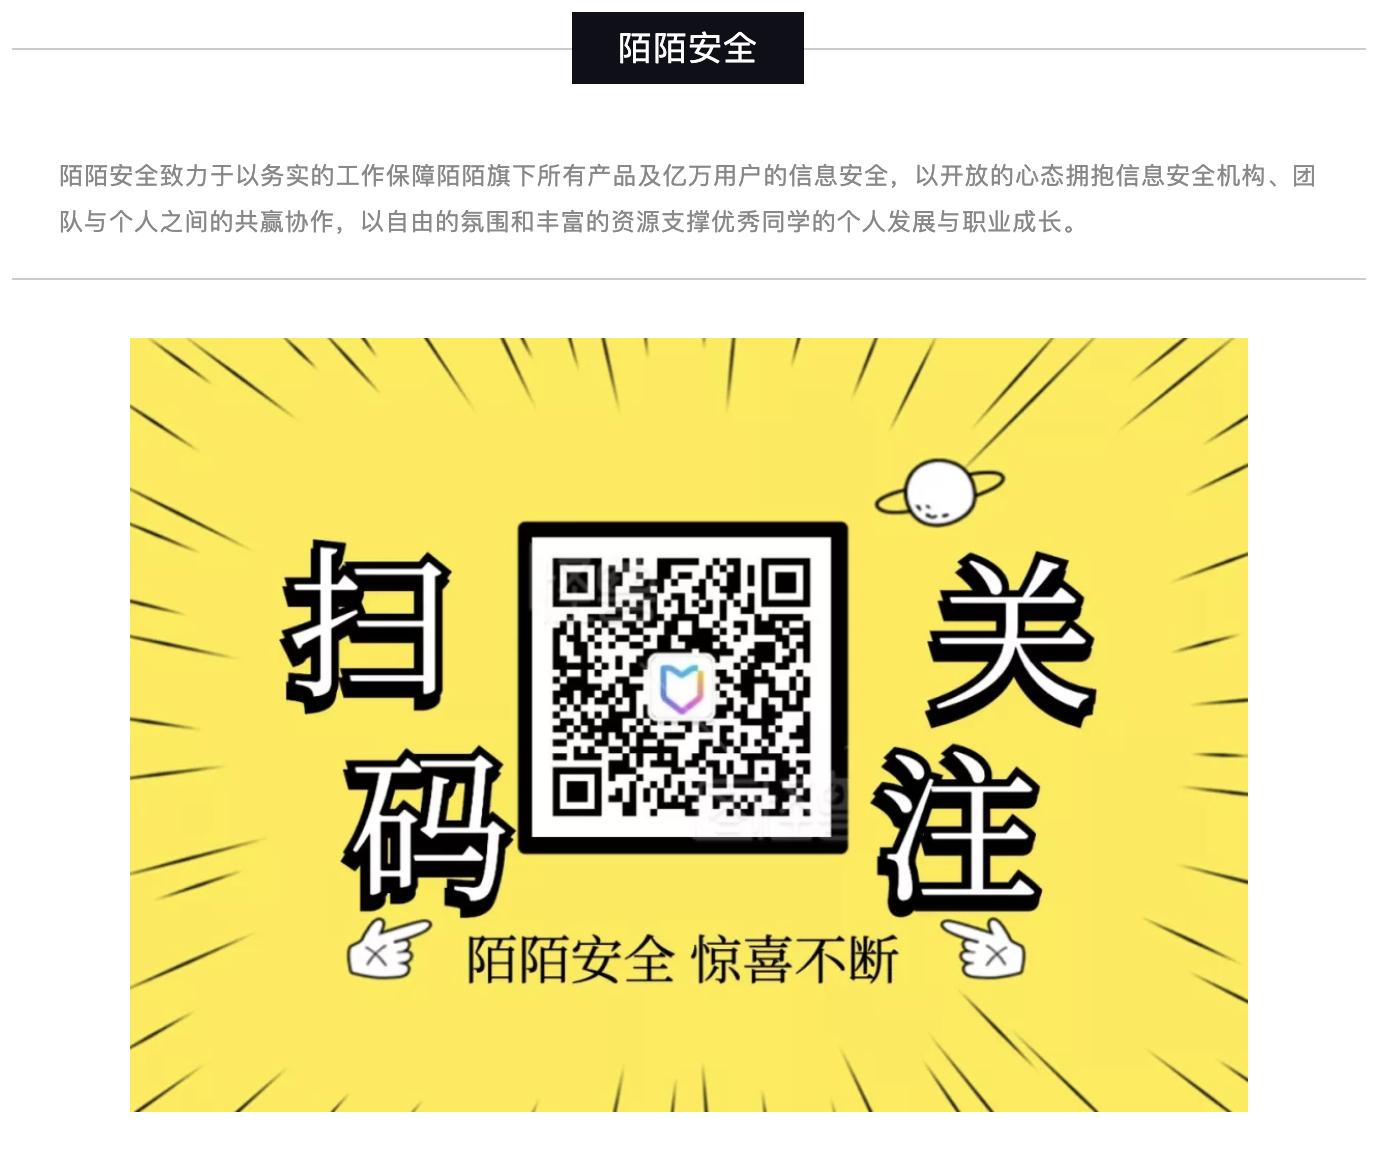 https://momo-mmsrc.oss-cn-hangzhou.aliyuncs.com/img-17fc4bd1-8b2f-3028-8cac-c9698479328d.png